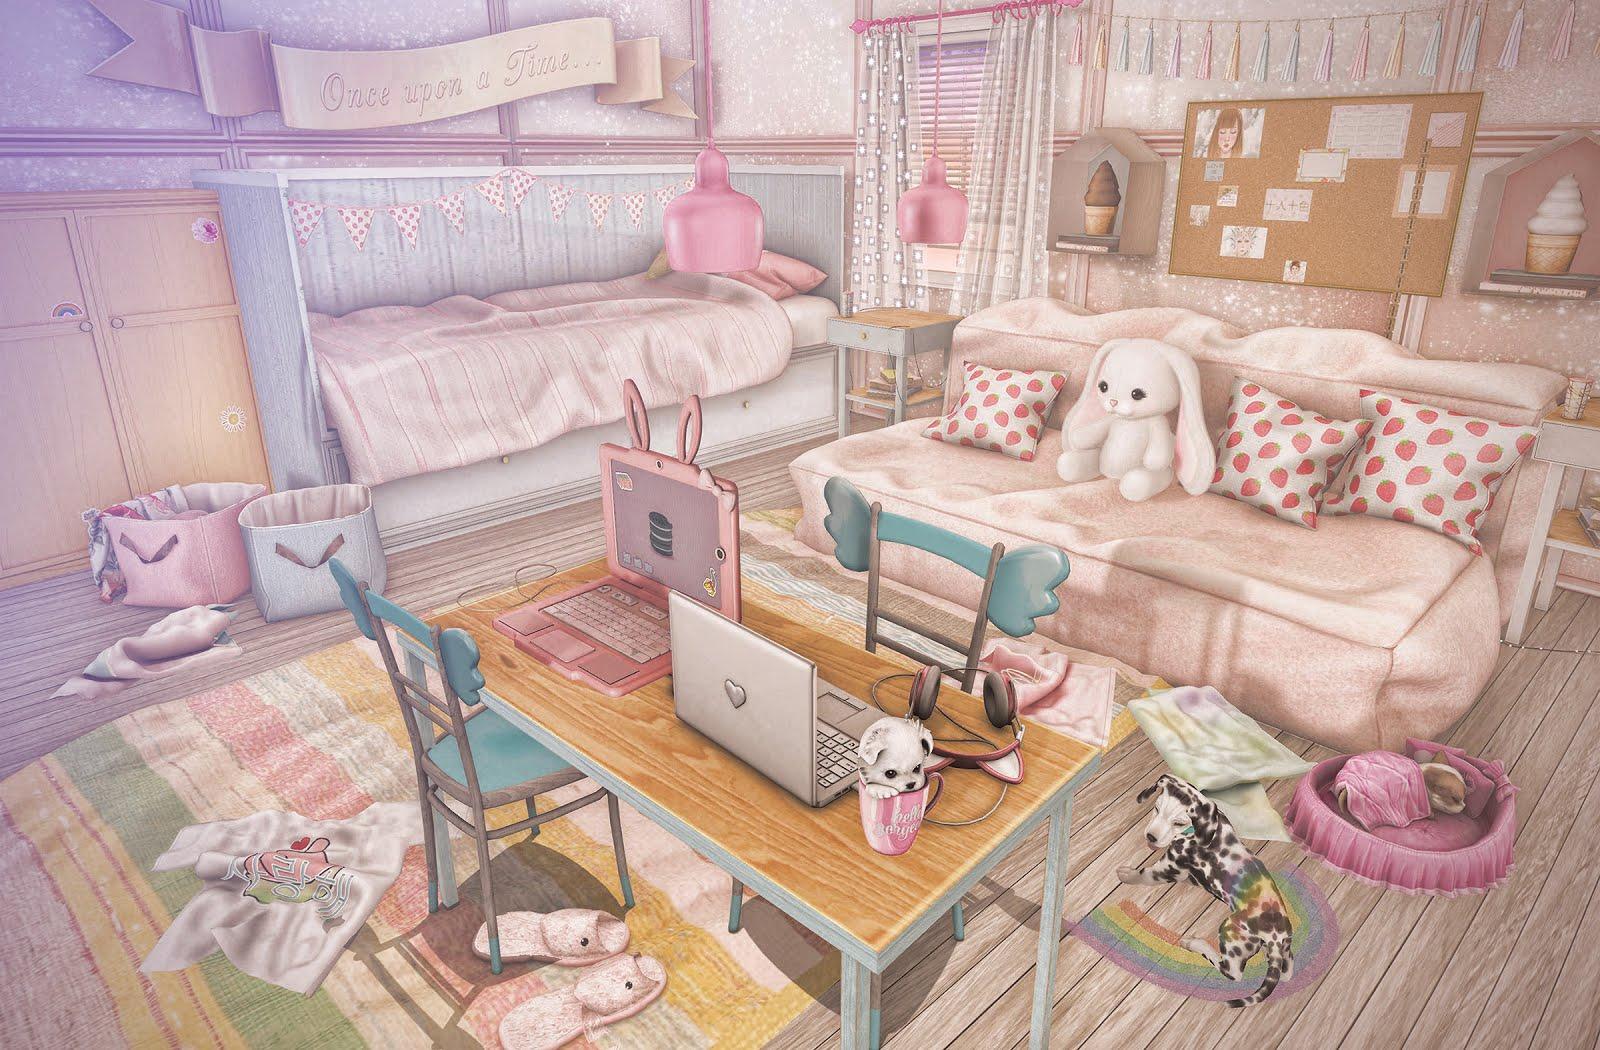 Festival Dorm